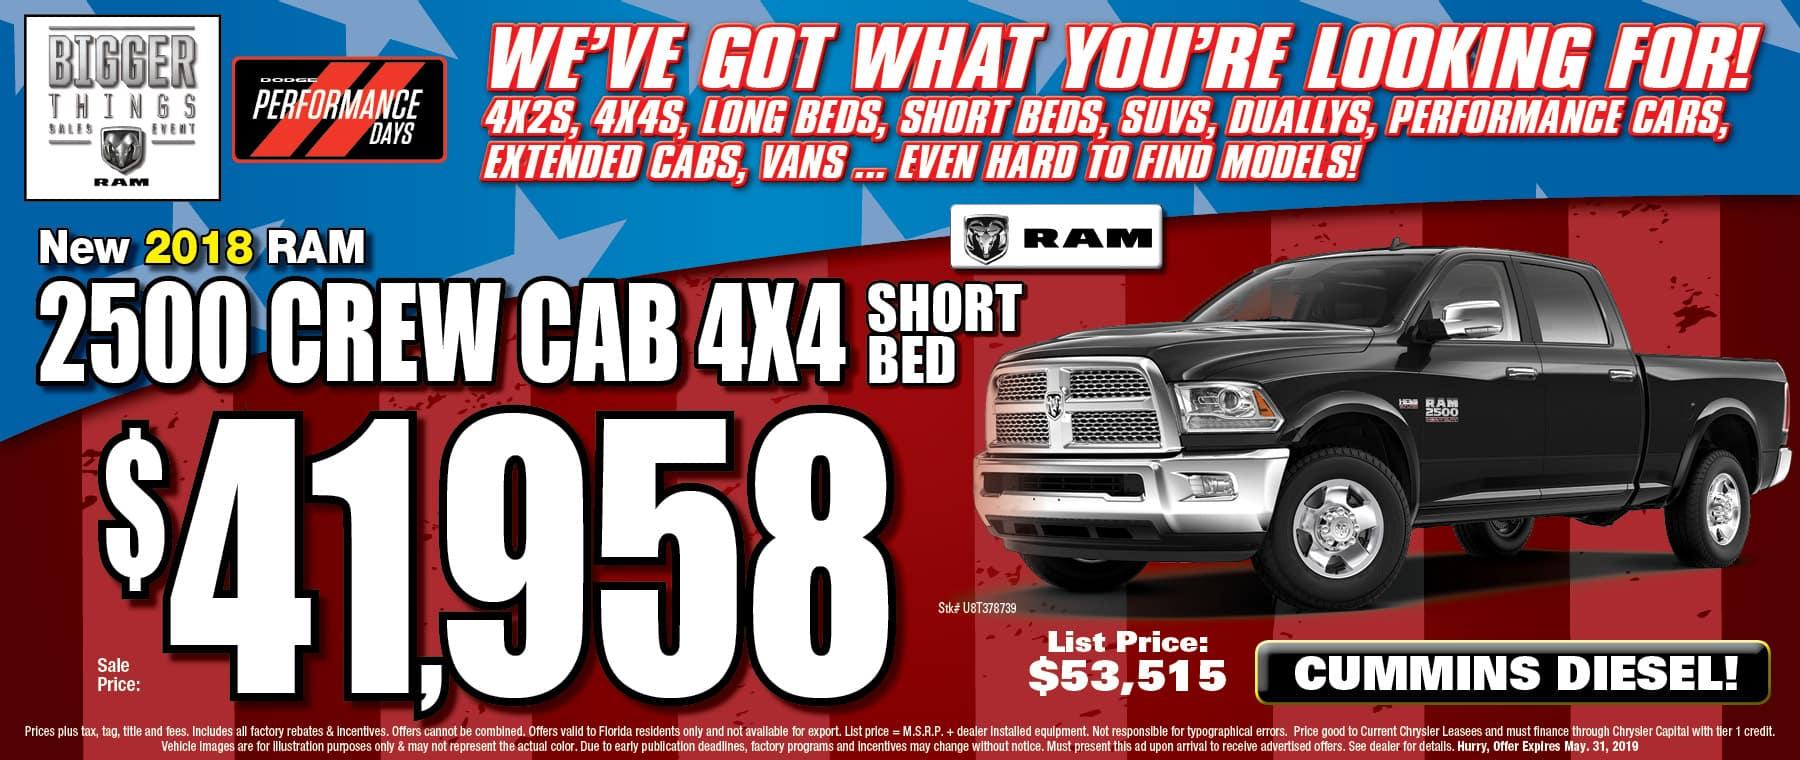 Ram Crew Cab Short Bed!